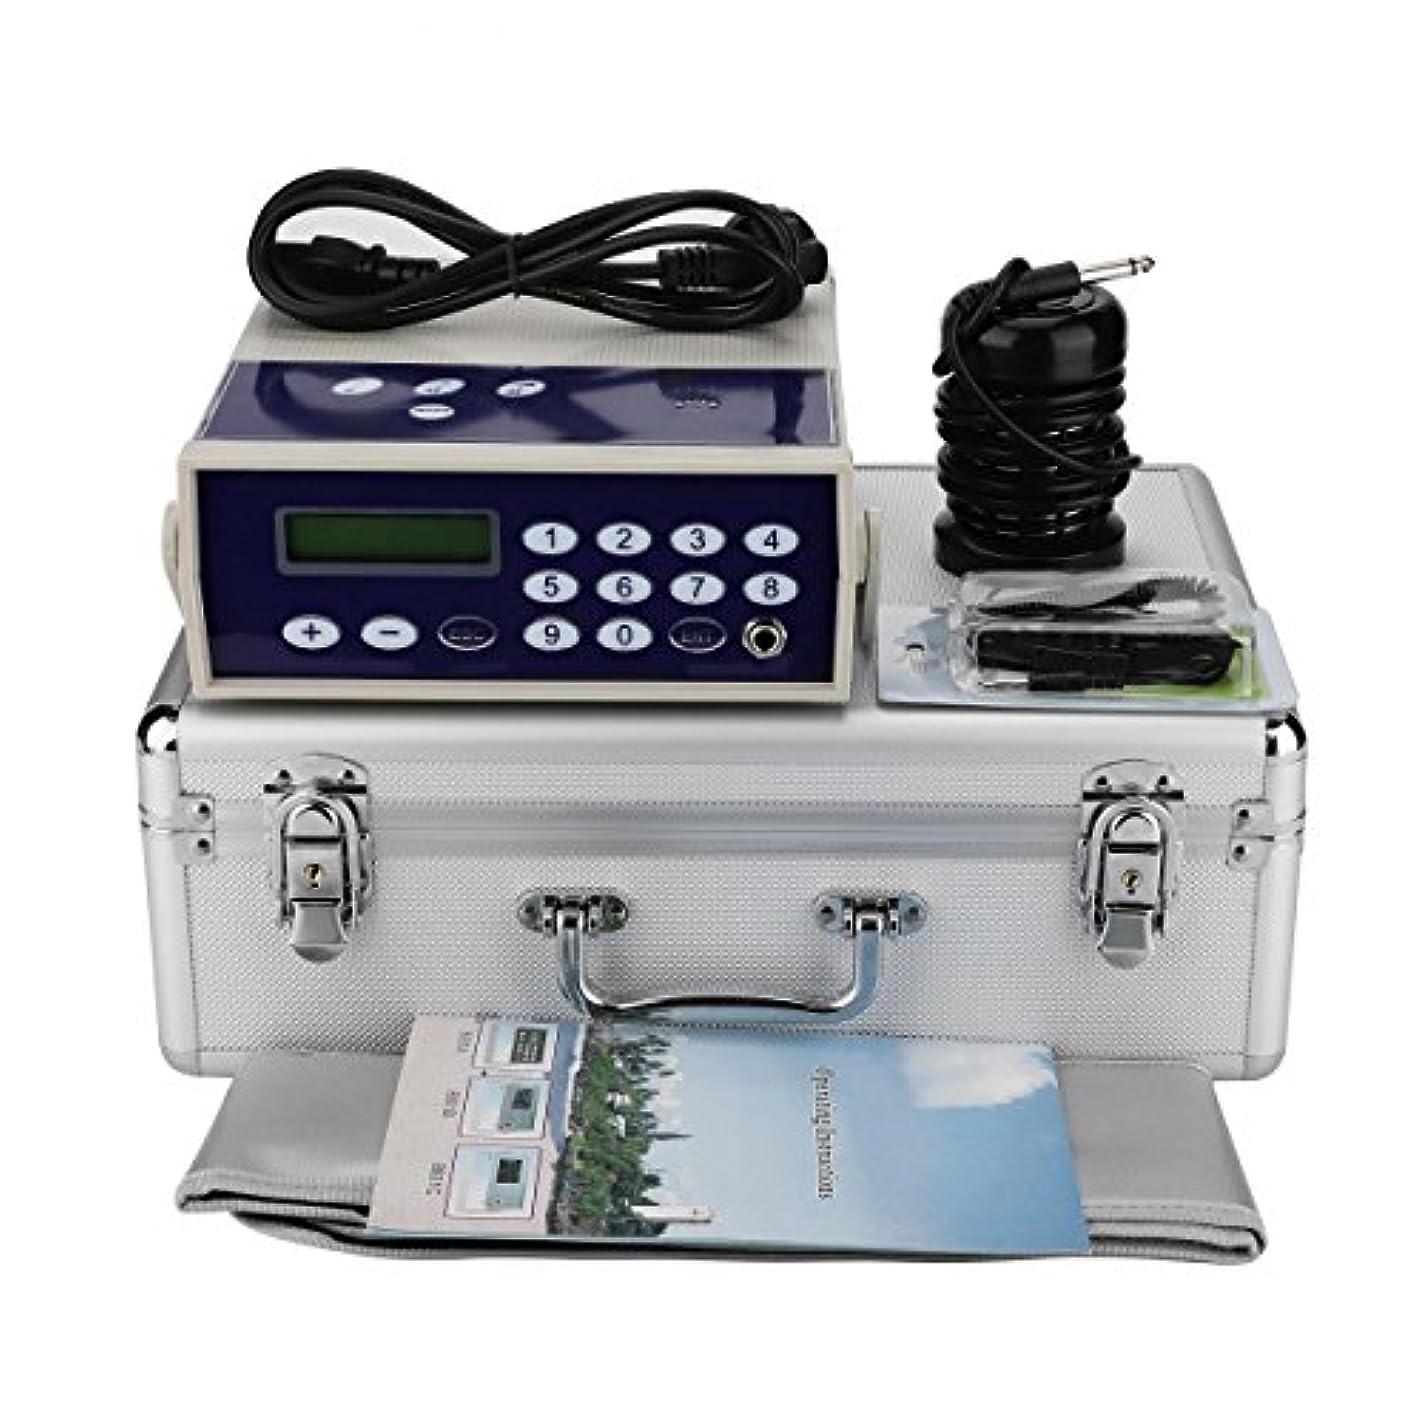 チーズ概要時刻表イオンフットバスデトックスシステム-ボディデトックスマシンイオンアレイフットバススパクレンジングイオンウエストベルト解毒(110V USプラグ)